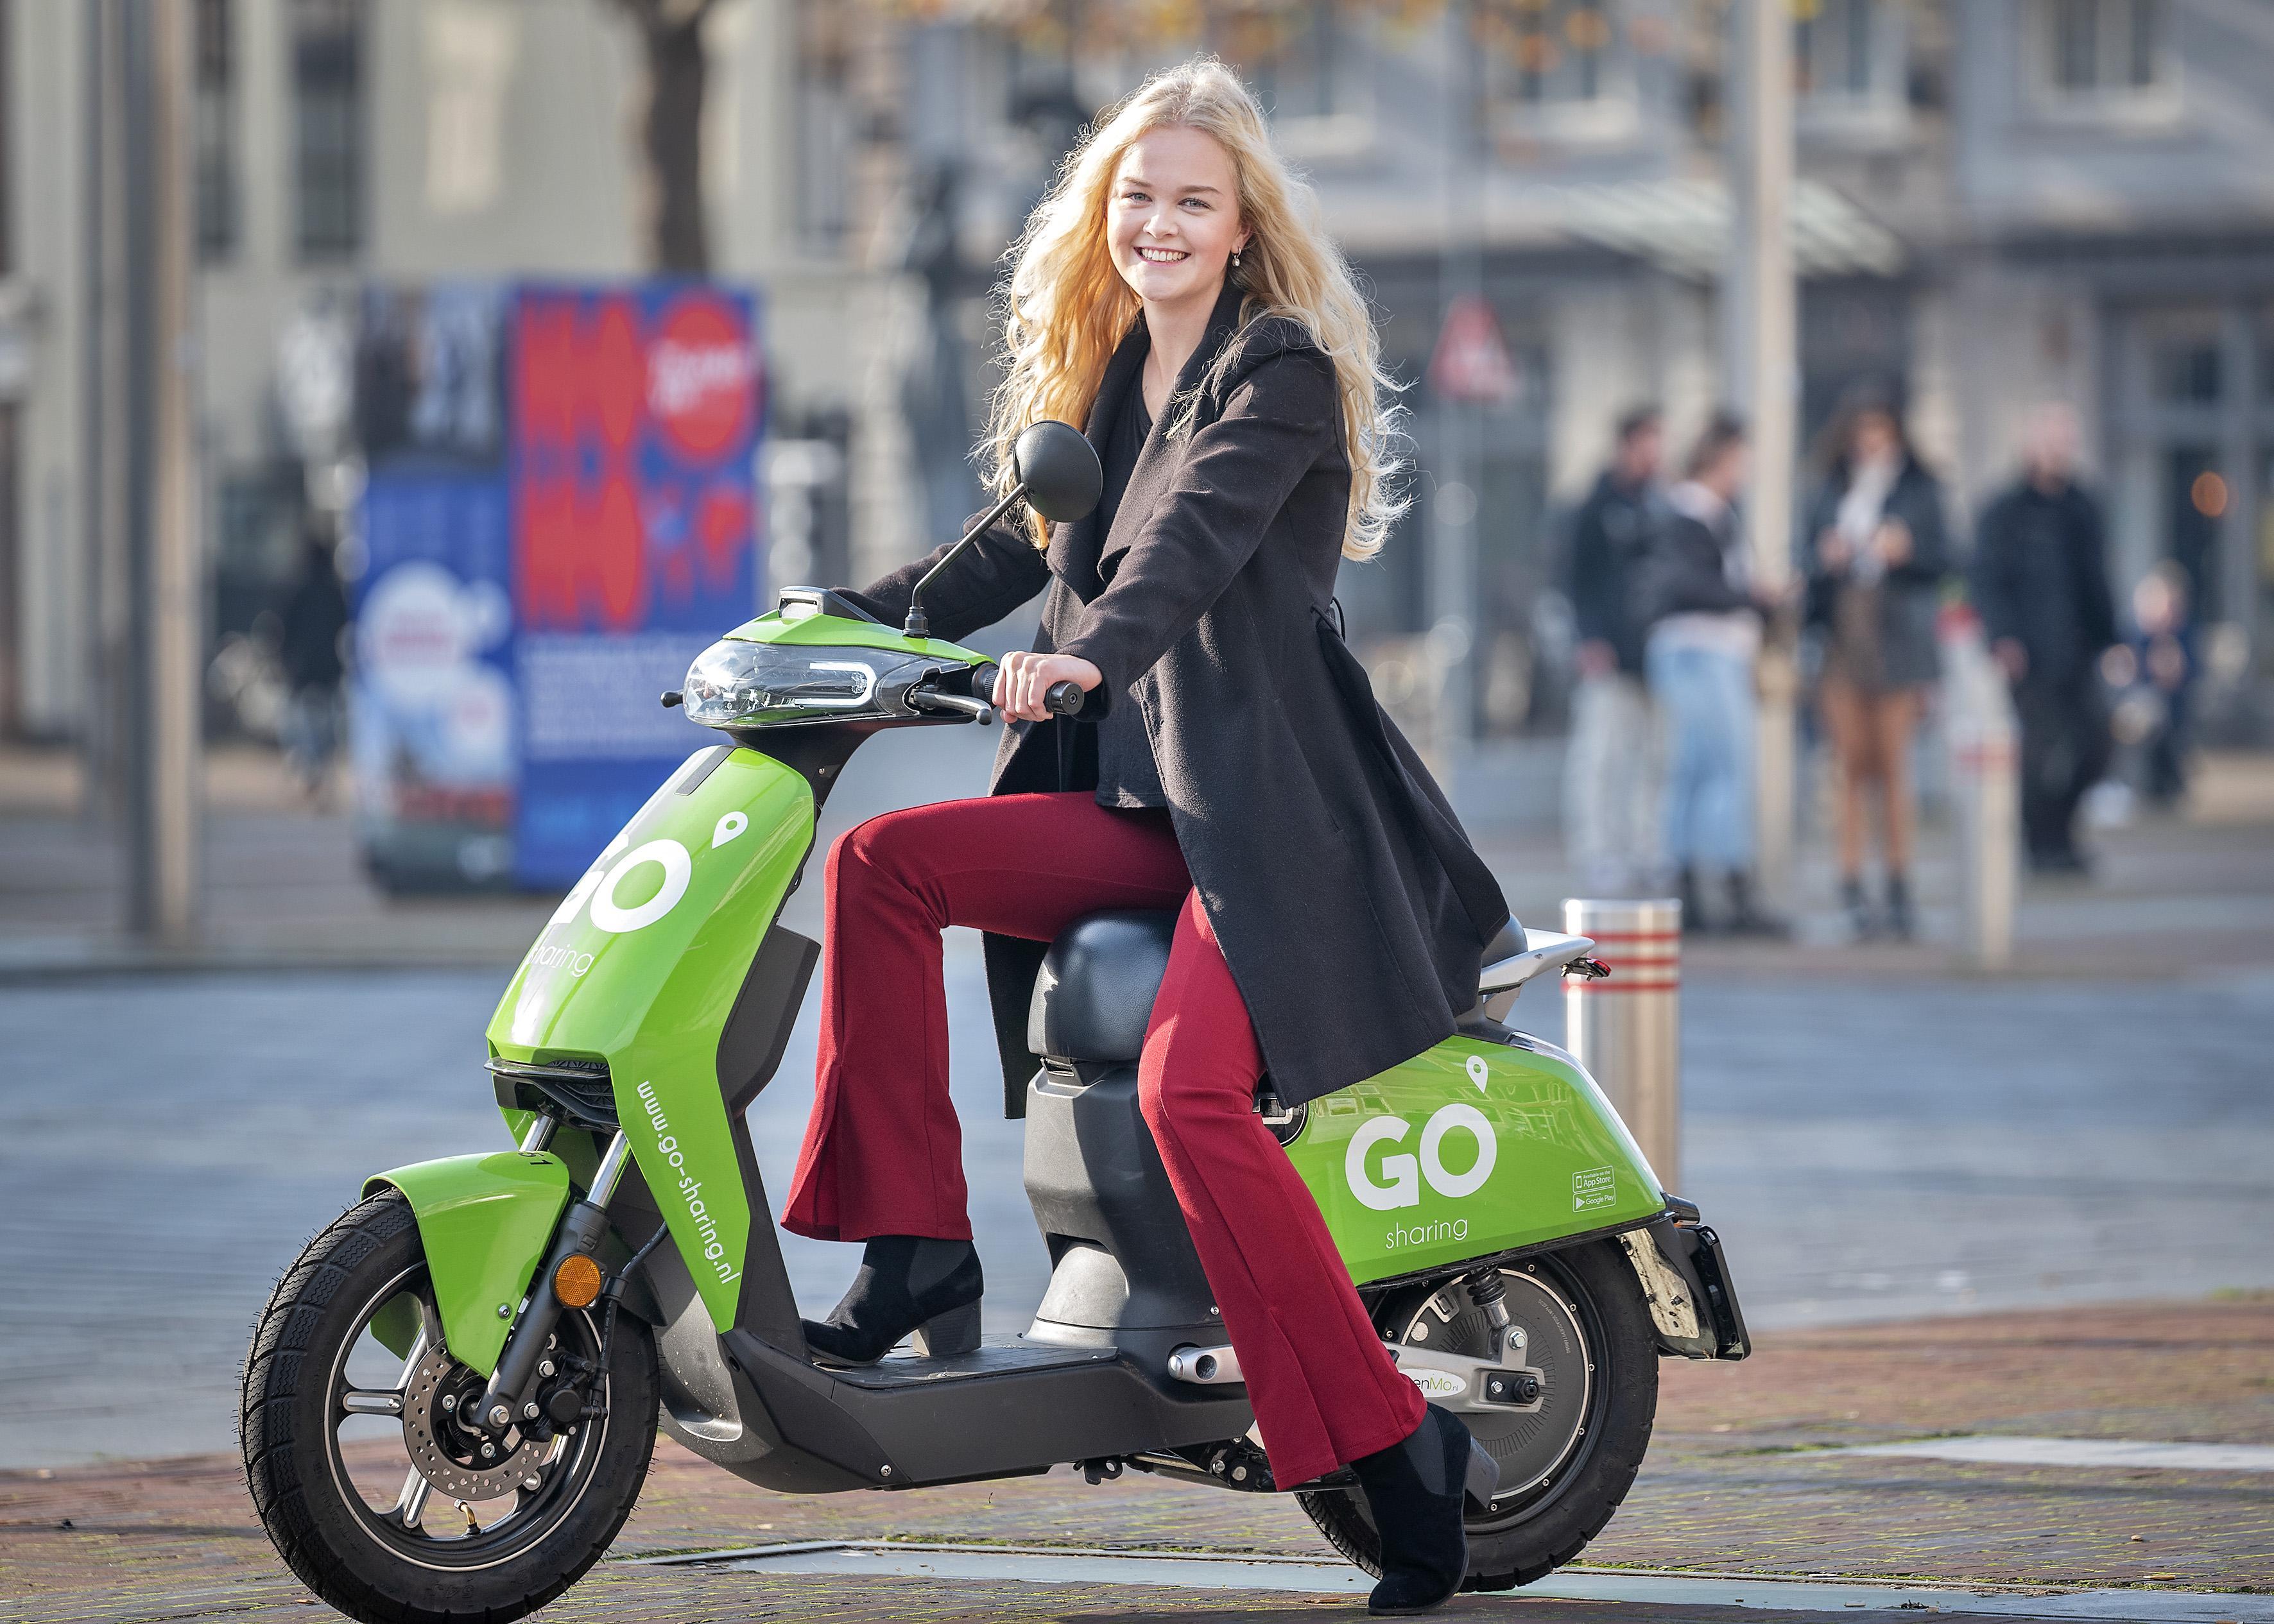 Nieuwe elektrische deelscooterdienst 'Go Sharing' van start in Haarlem: 'Hij valt natuurlijk enorm op door de kleur'